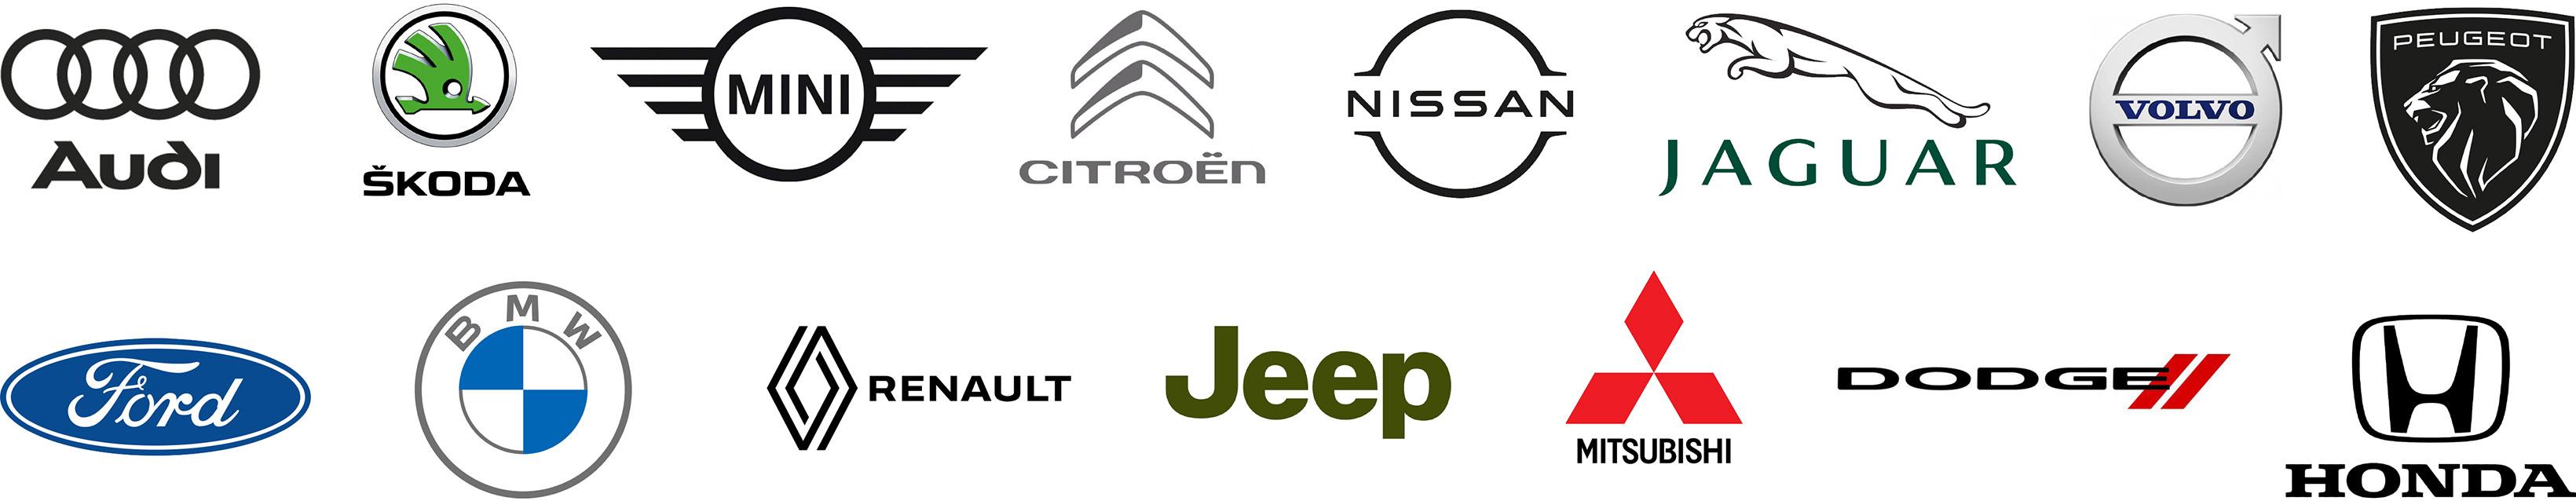 Auto-logos